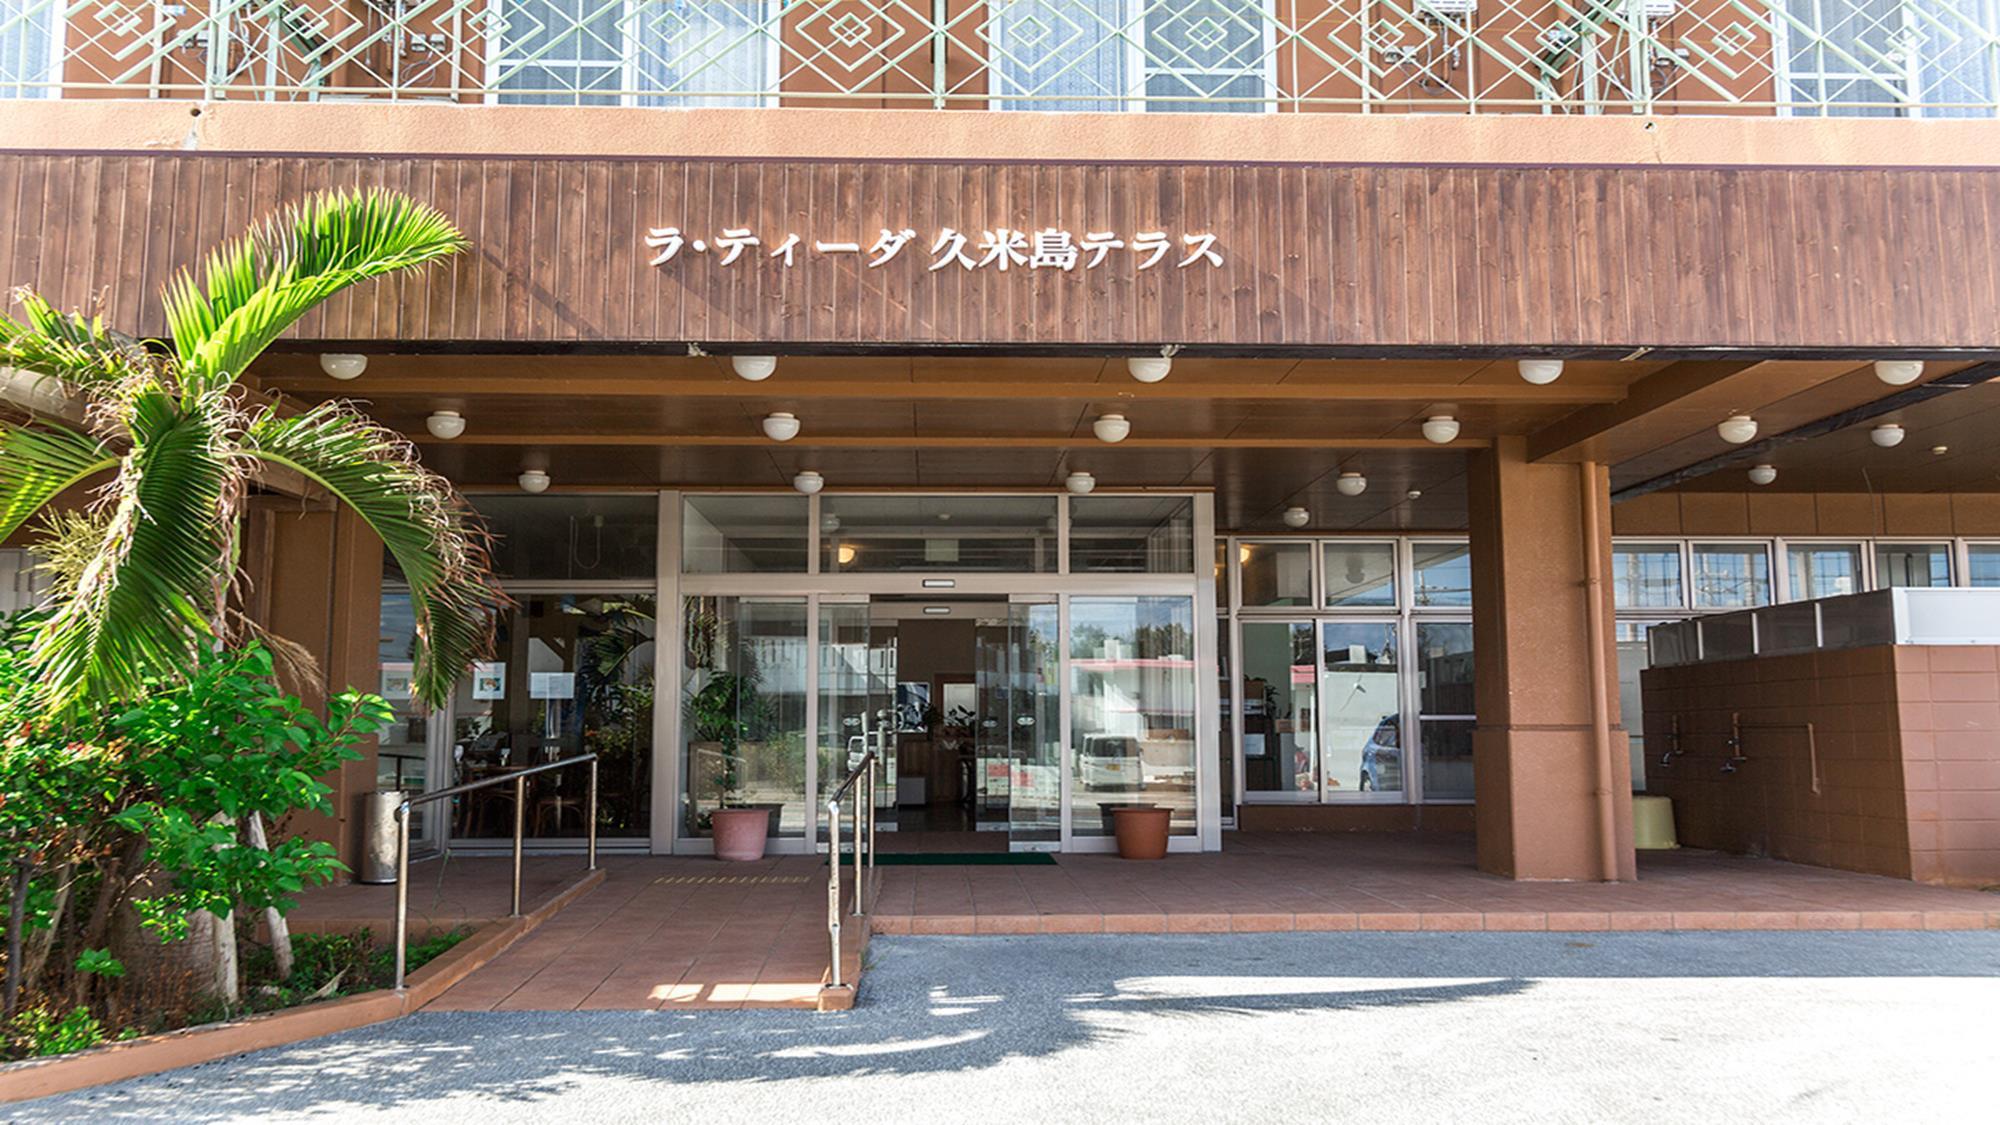 【家族限定】ファミリーで久米島を満喫♪みんなでわいわいプラン【素泊まり】